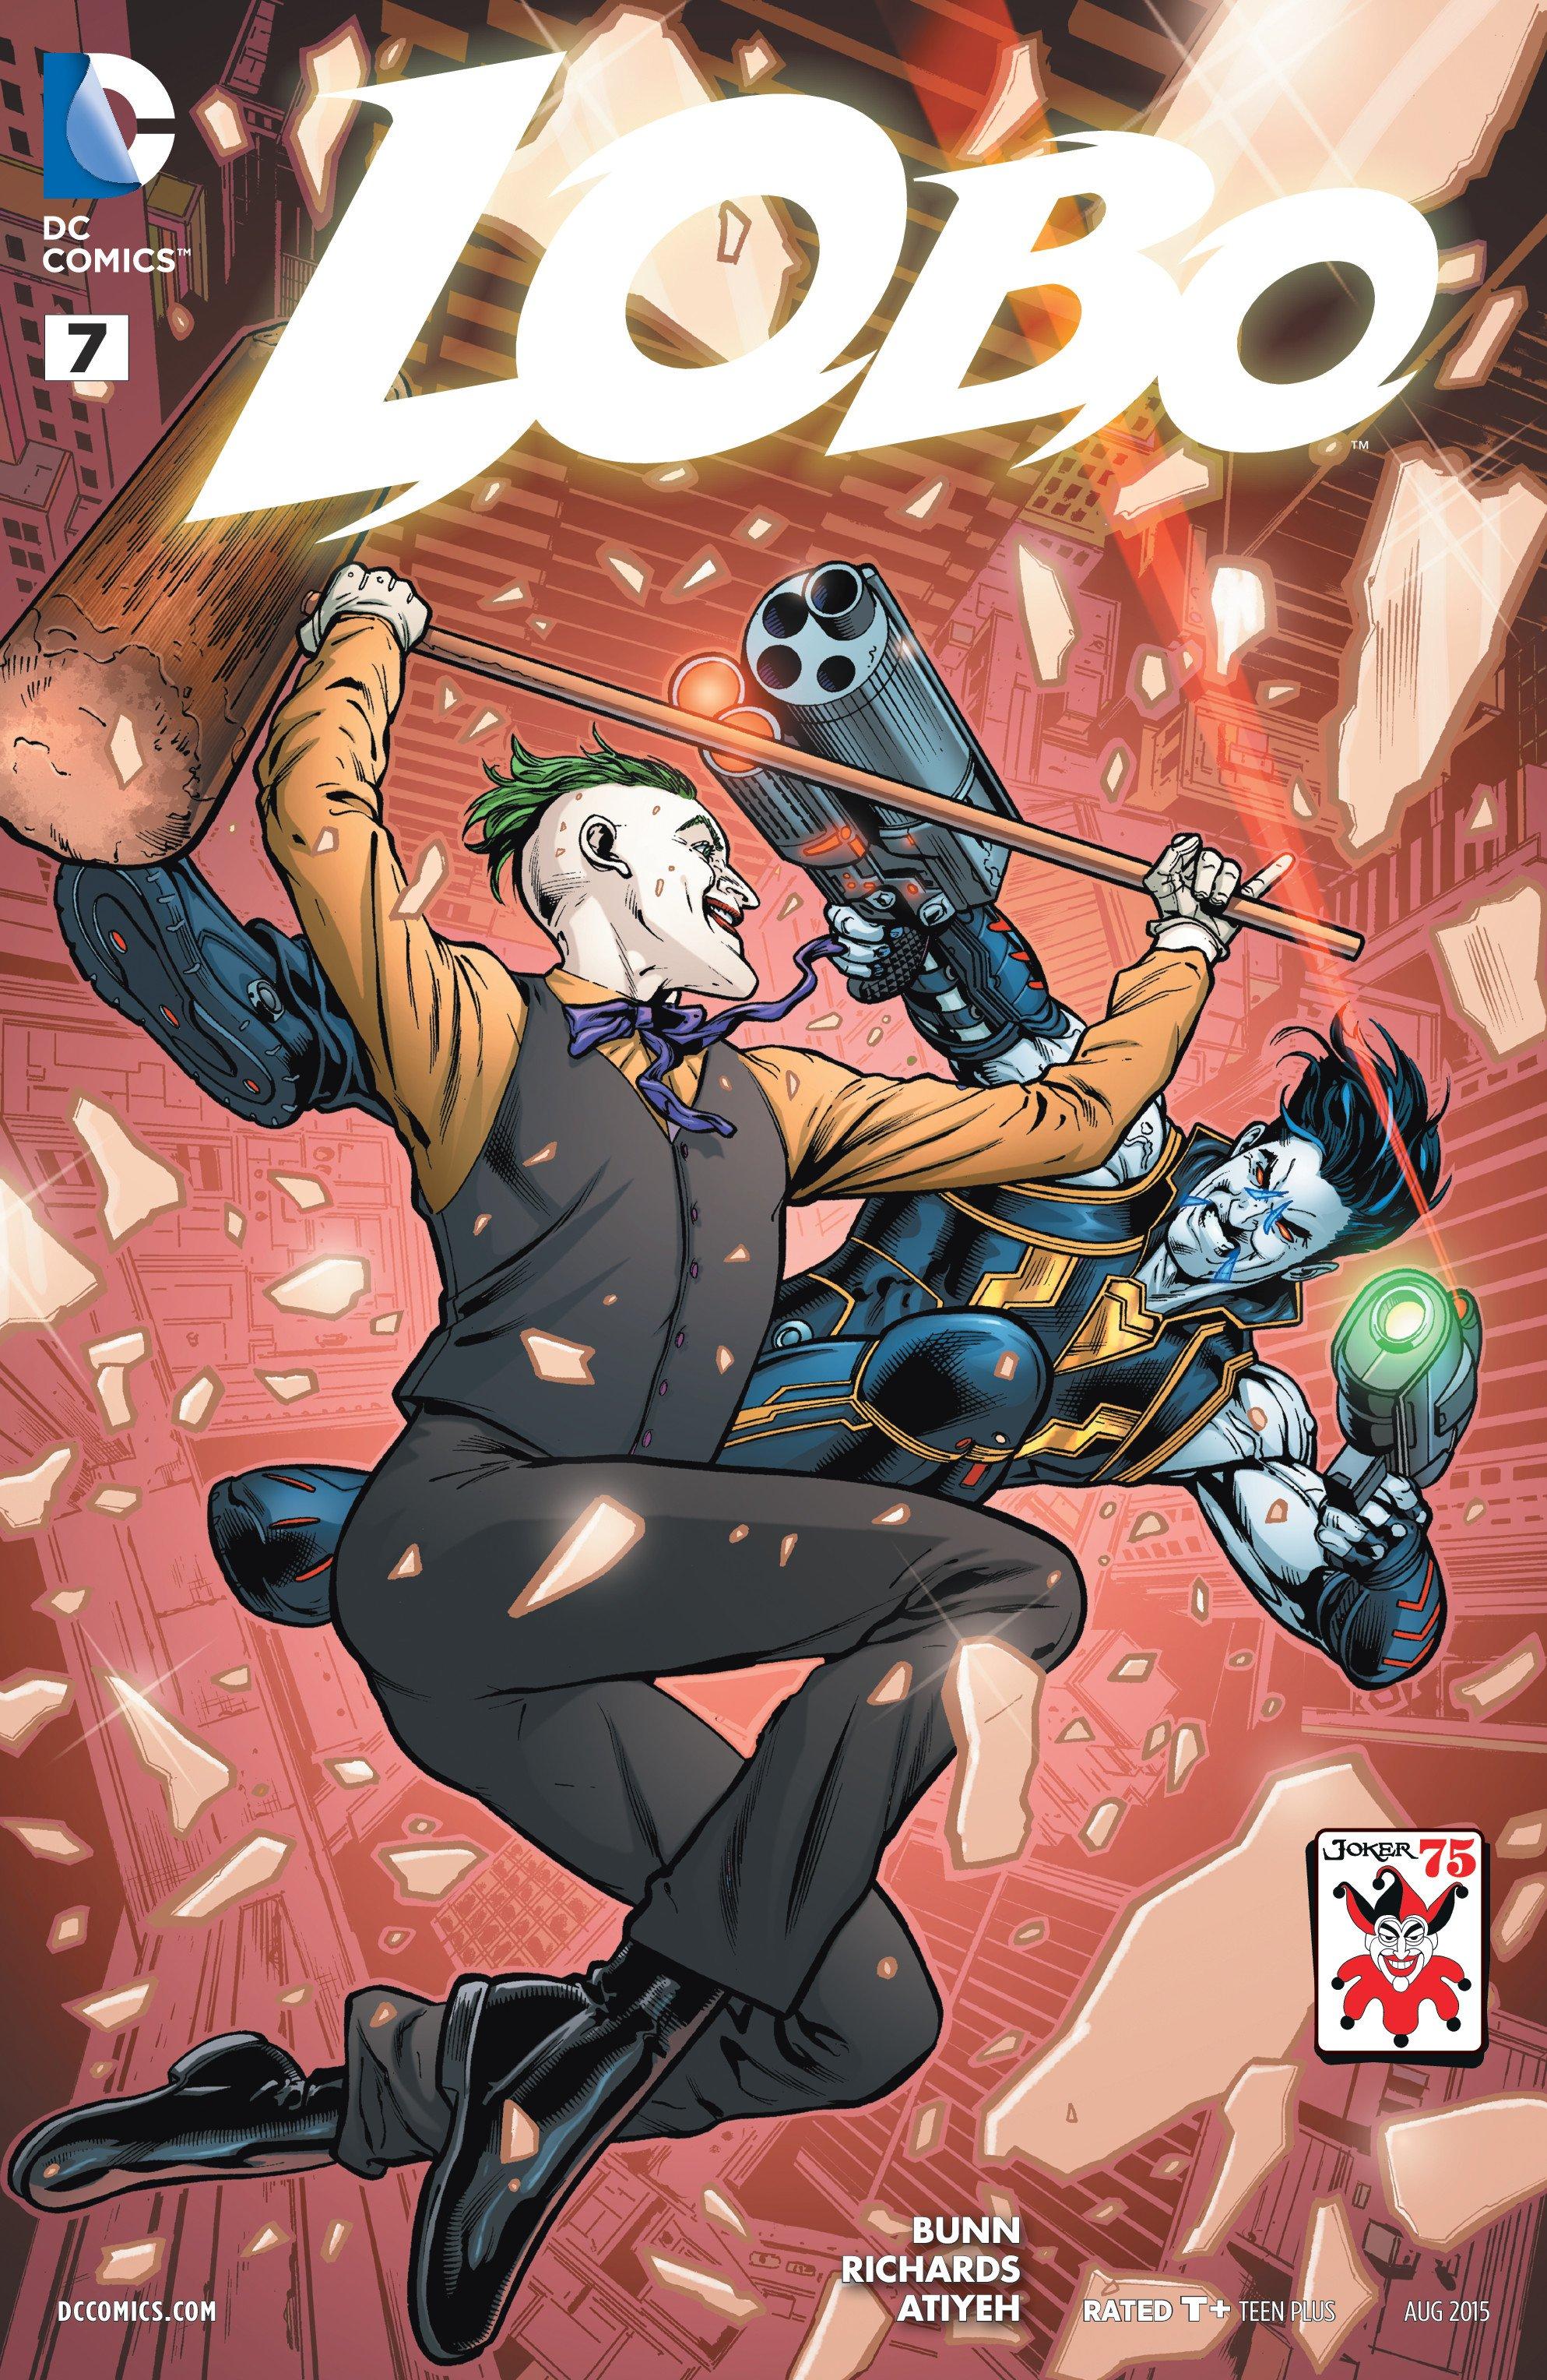 JOKER 75 обложки от DC.. - Изображение 5